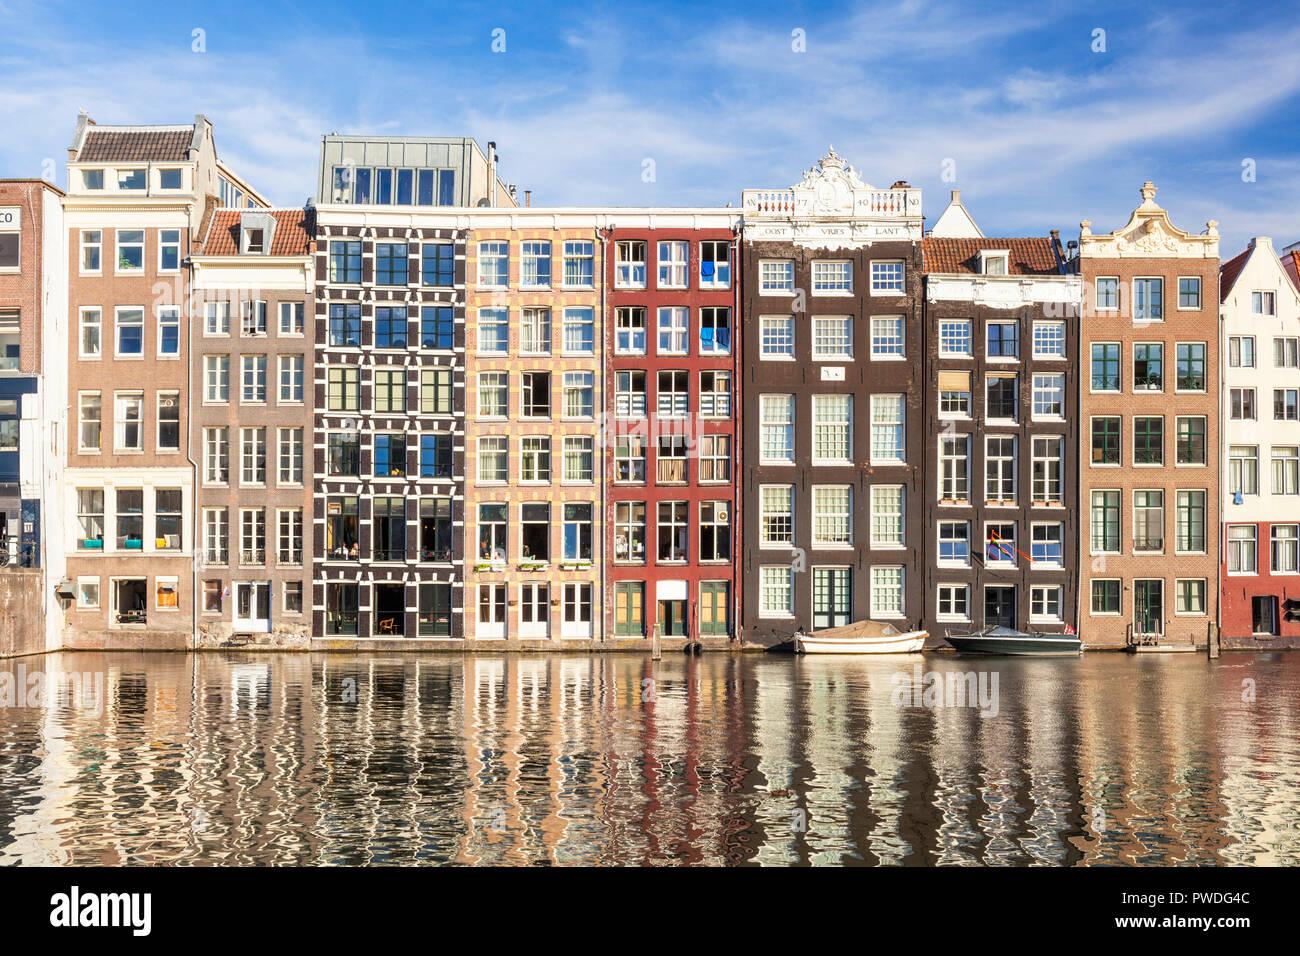 Maisons d'Amsterdam Damrak sur un canal partiellement remplies au dancing maisons avec l'architecture néerlandaise par le canal Amsterdam Hollande Pays-bas eu Europe Photo Stock